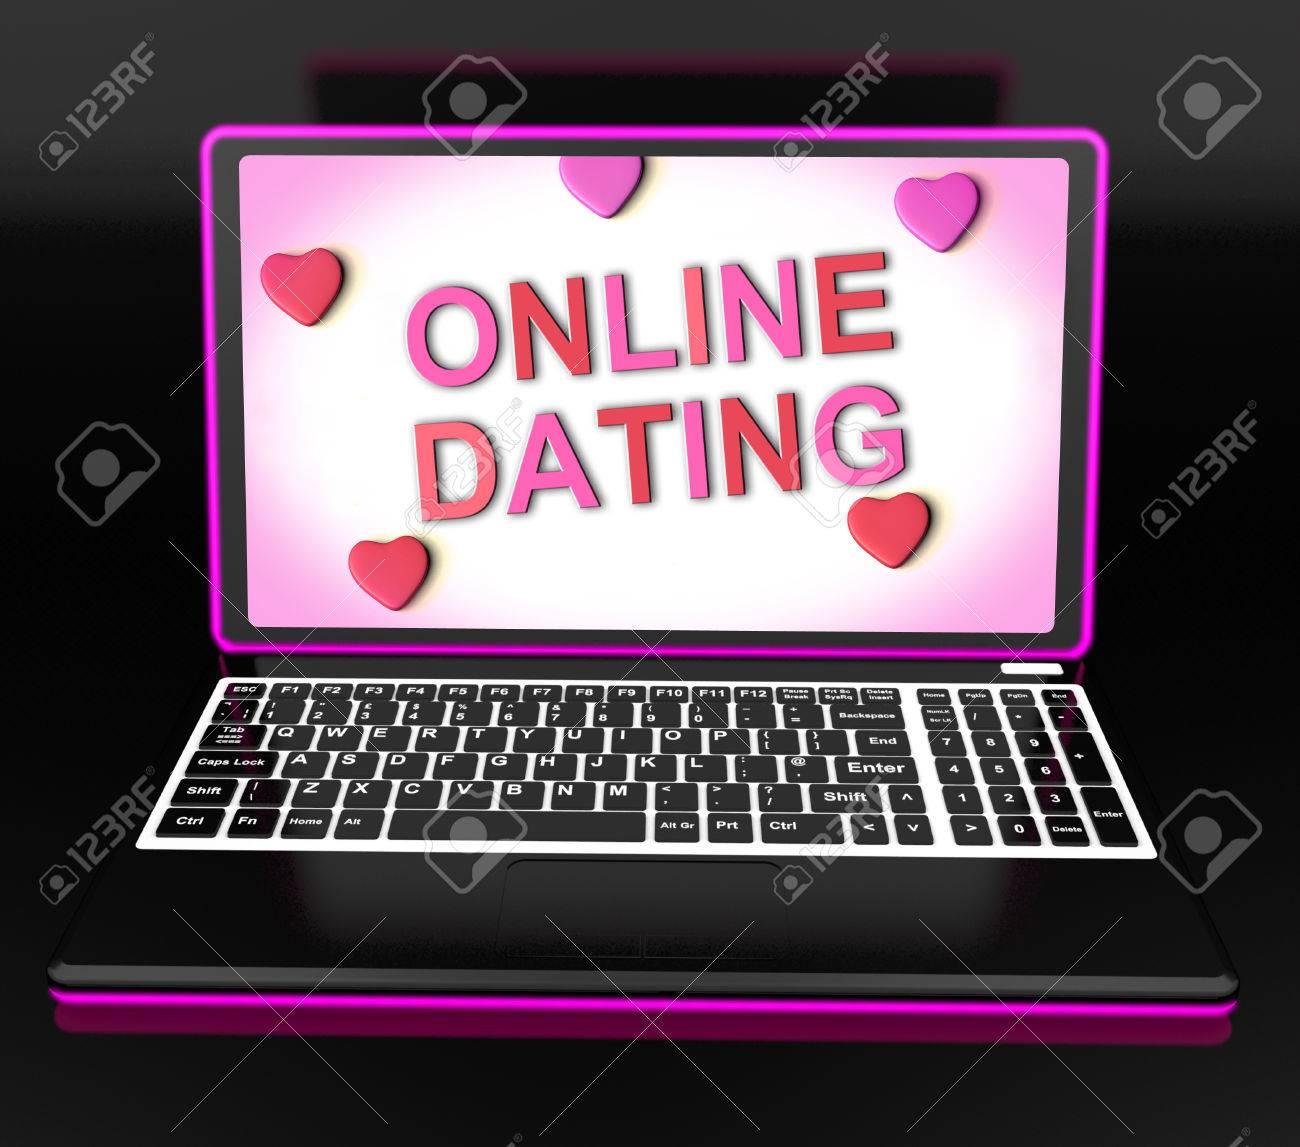 ff online dating seznamky online článků